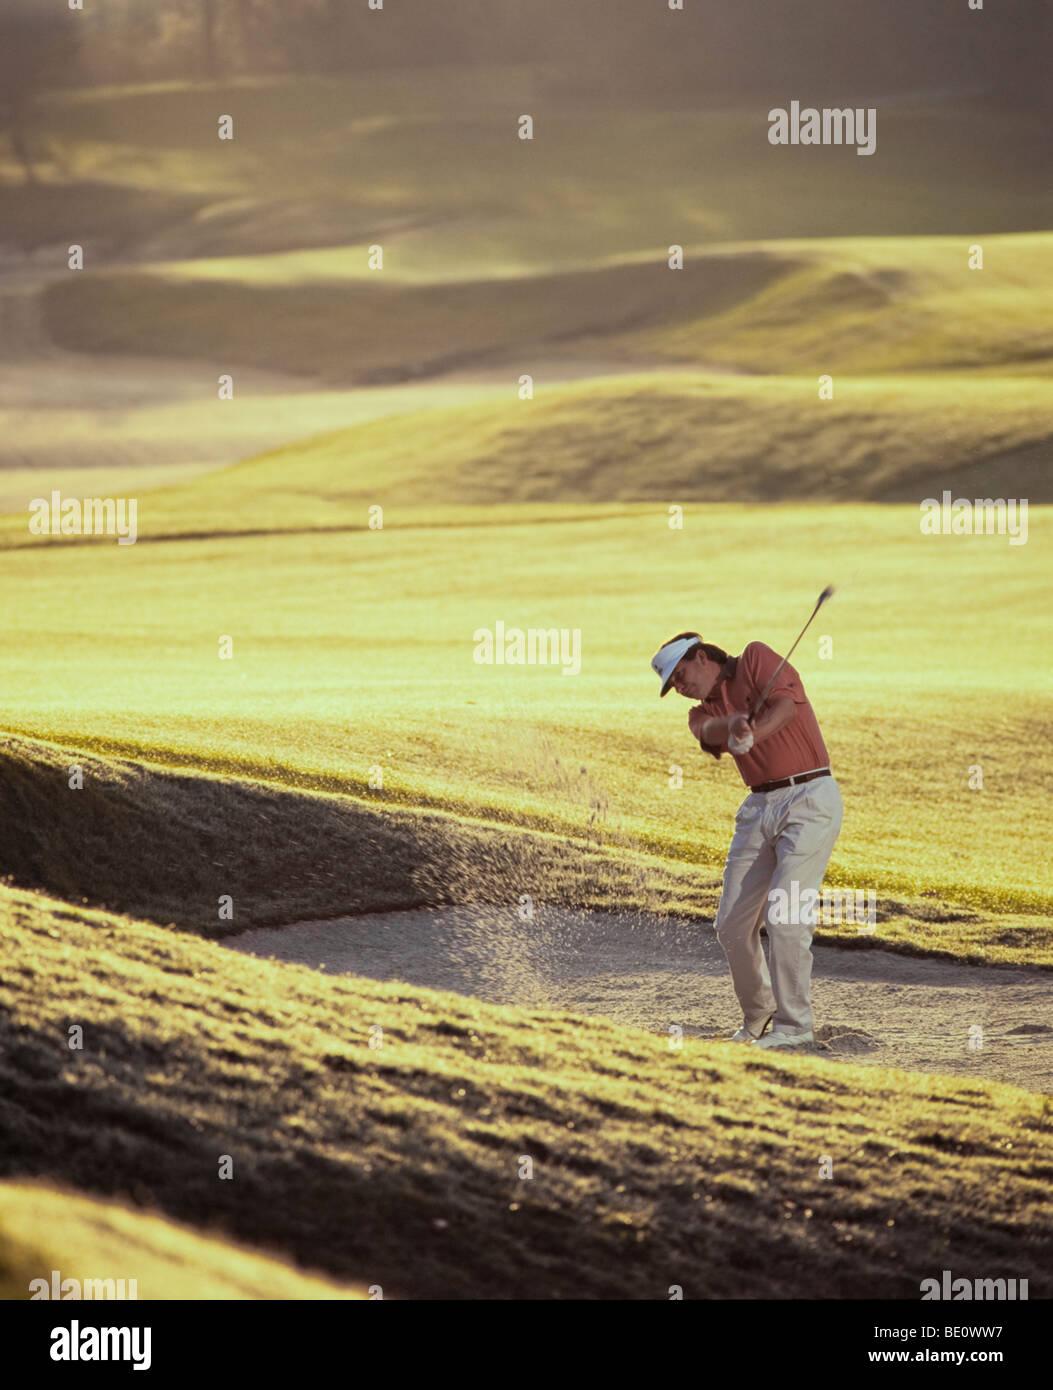 L'uomo golfista scheggiature dalla trappola di sabbia Immagini Stock